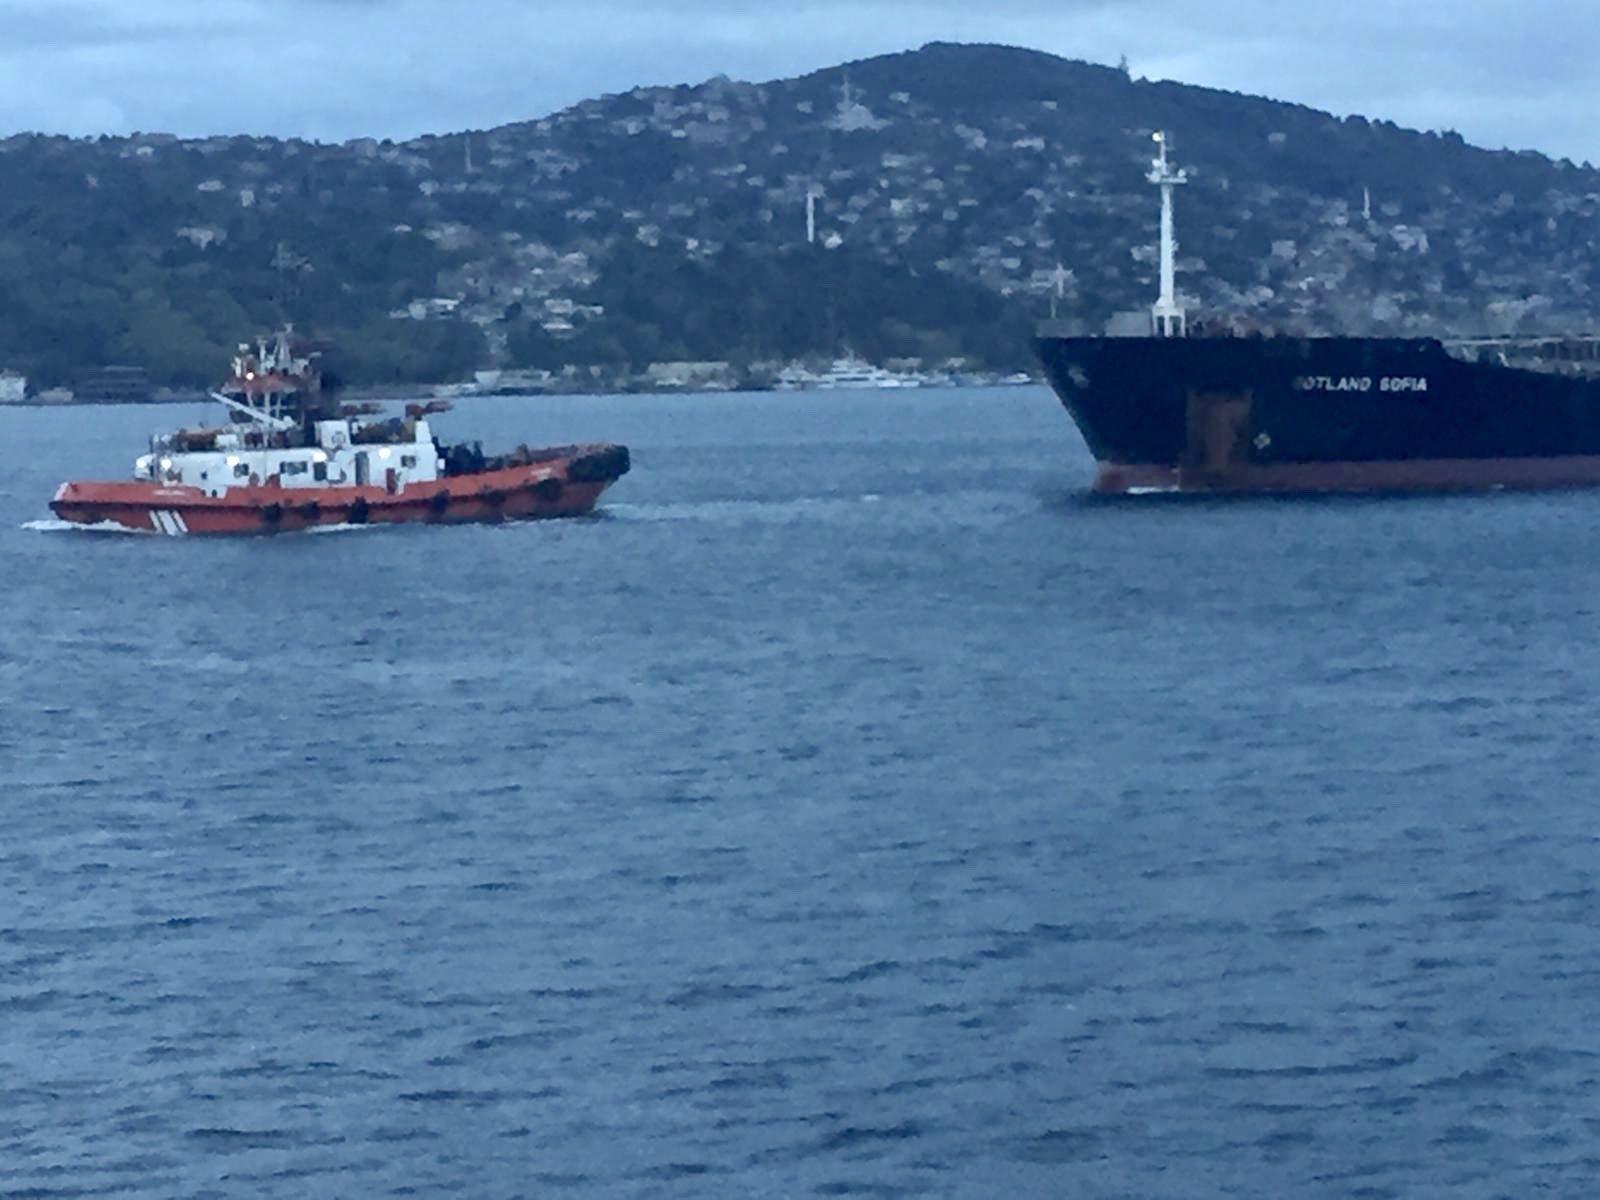 bogaz-yine-tehlike-atlatti-arizalanan-tanker-suruklendi-1327-dhaphoto1.jpg